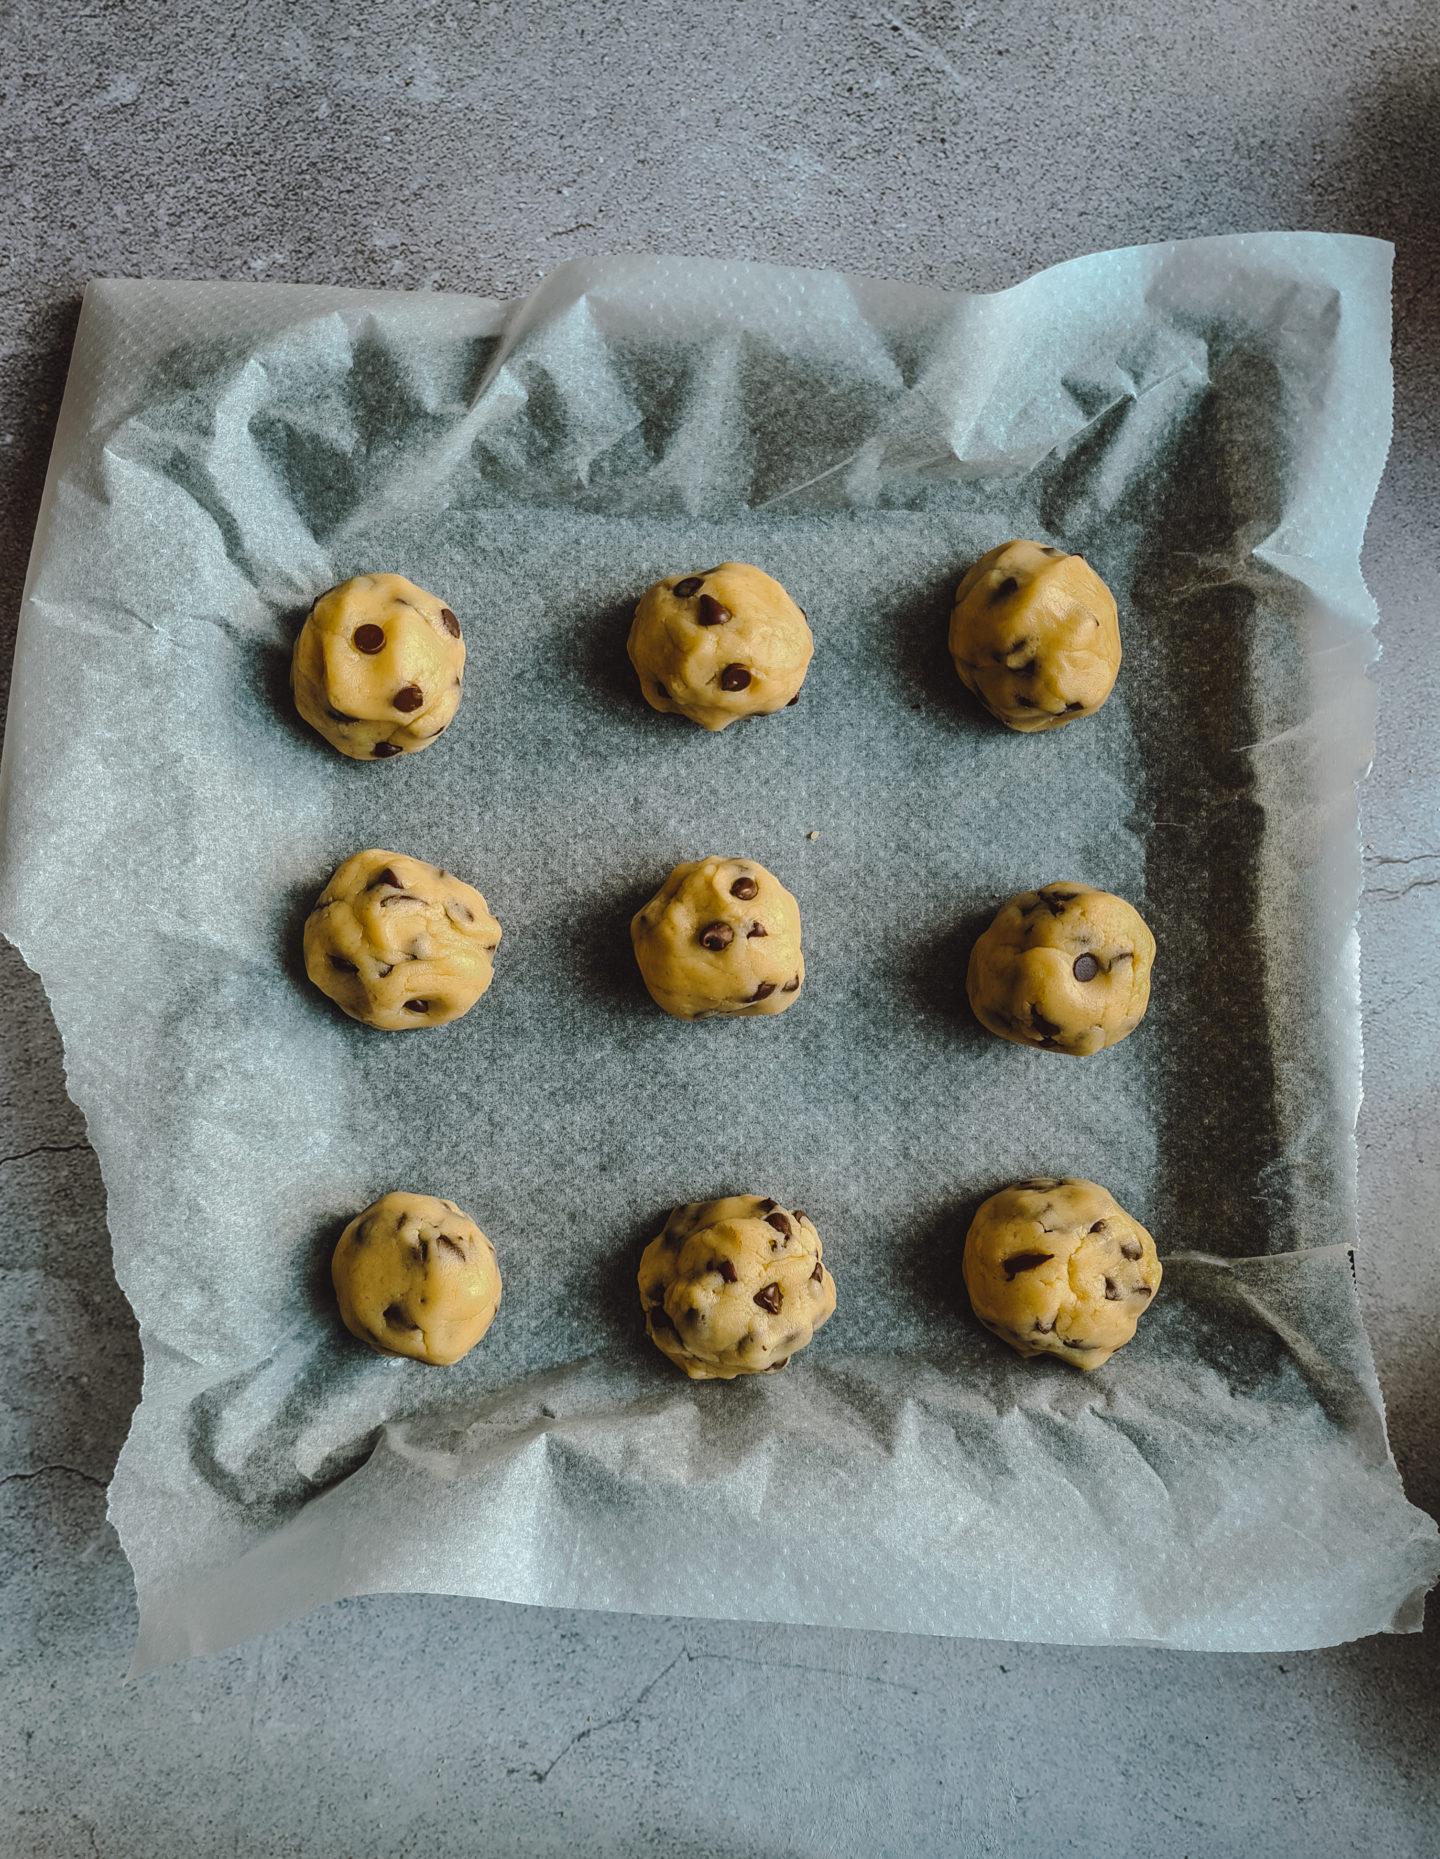 temps de cuisson cookies